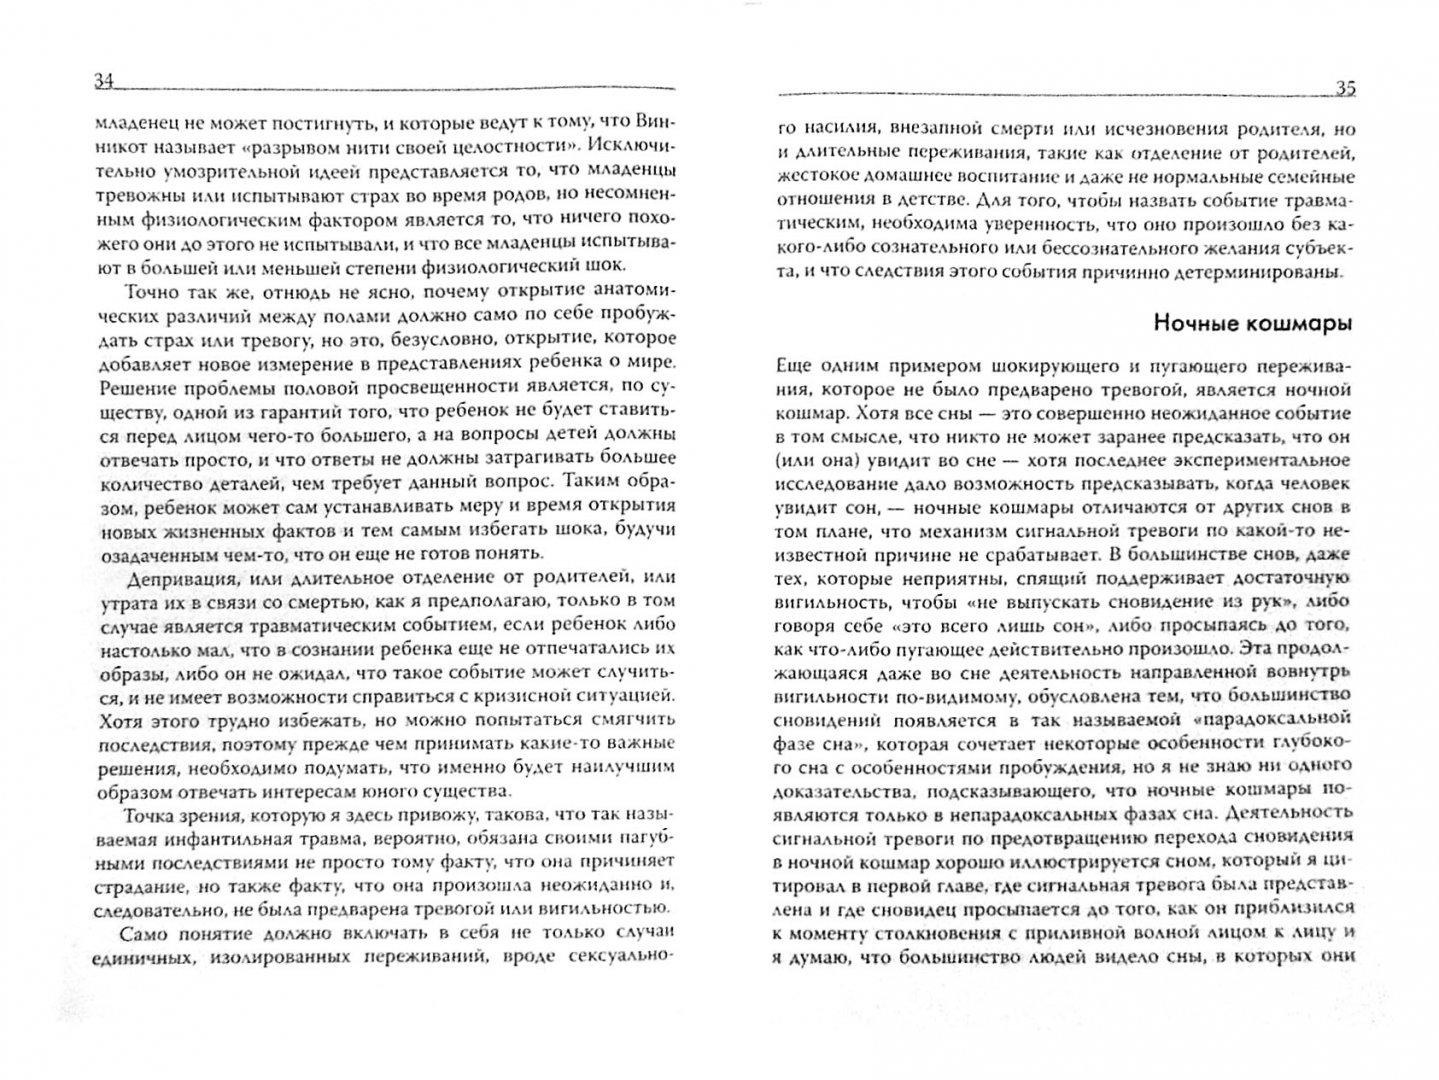 Иллюстрация 1 из 5 для Тревога и неврозы - Чарльз Рикрофт | Лабиринт - книги. Источник: Лабиринт